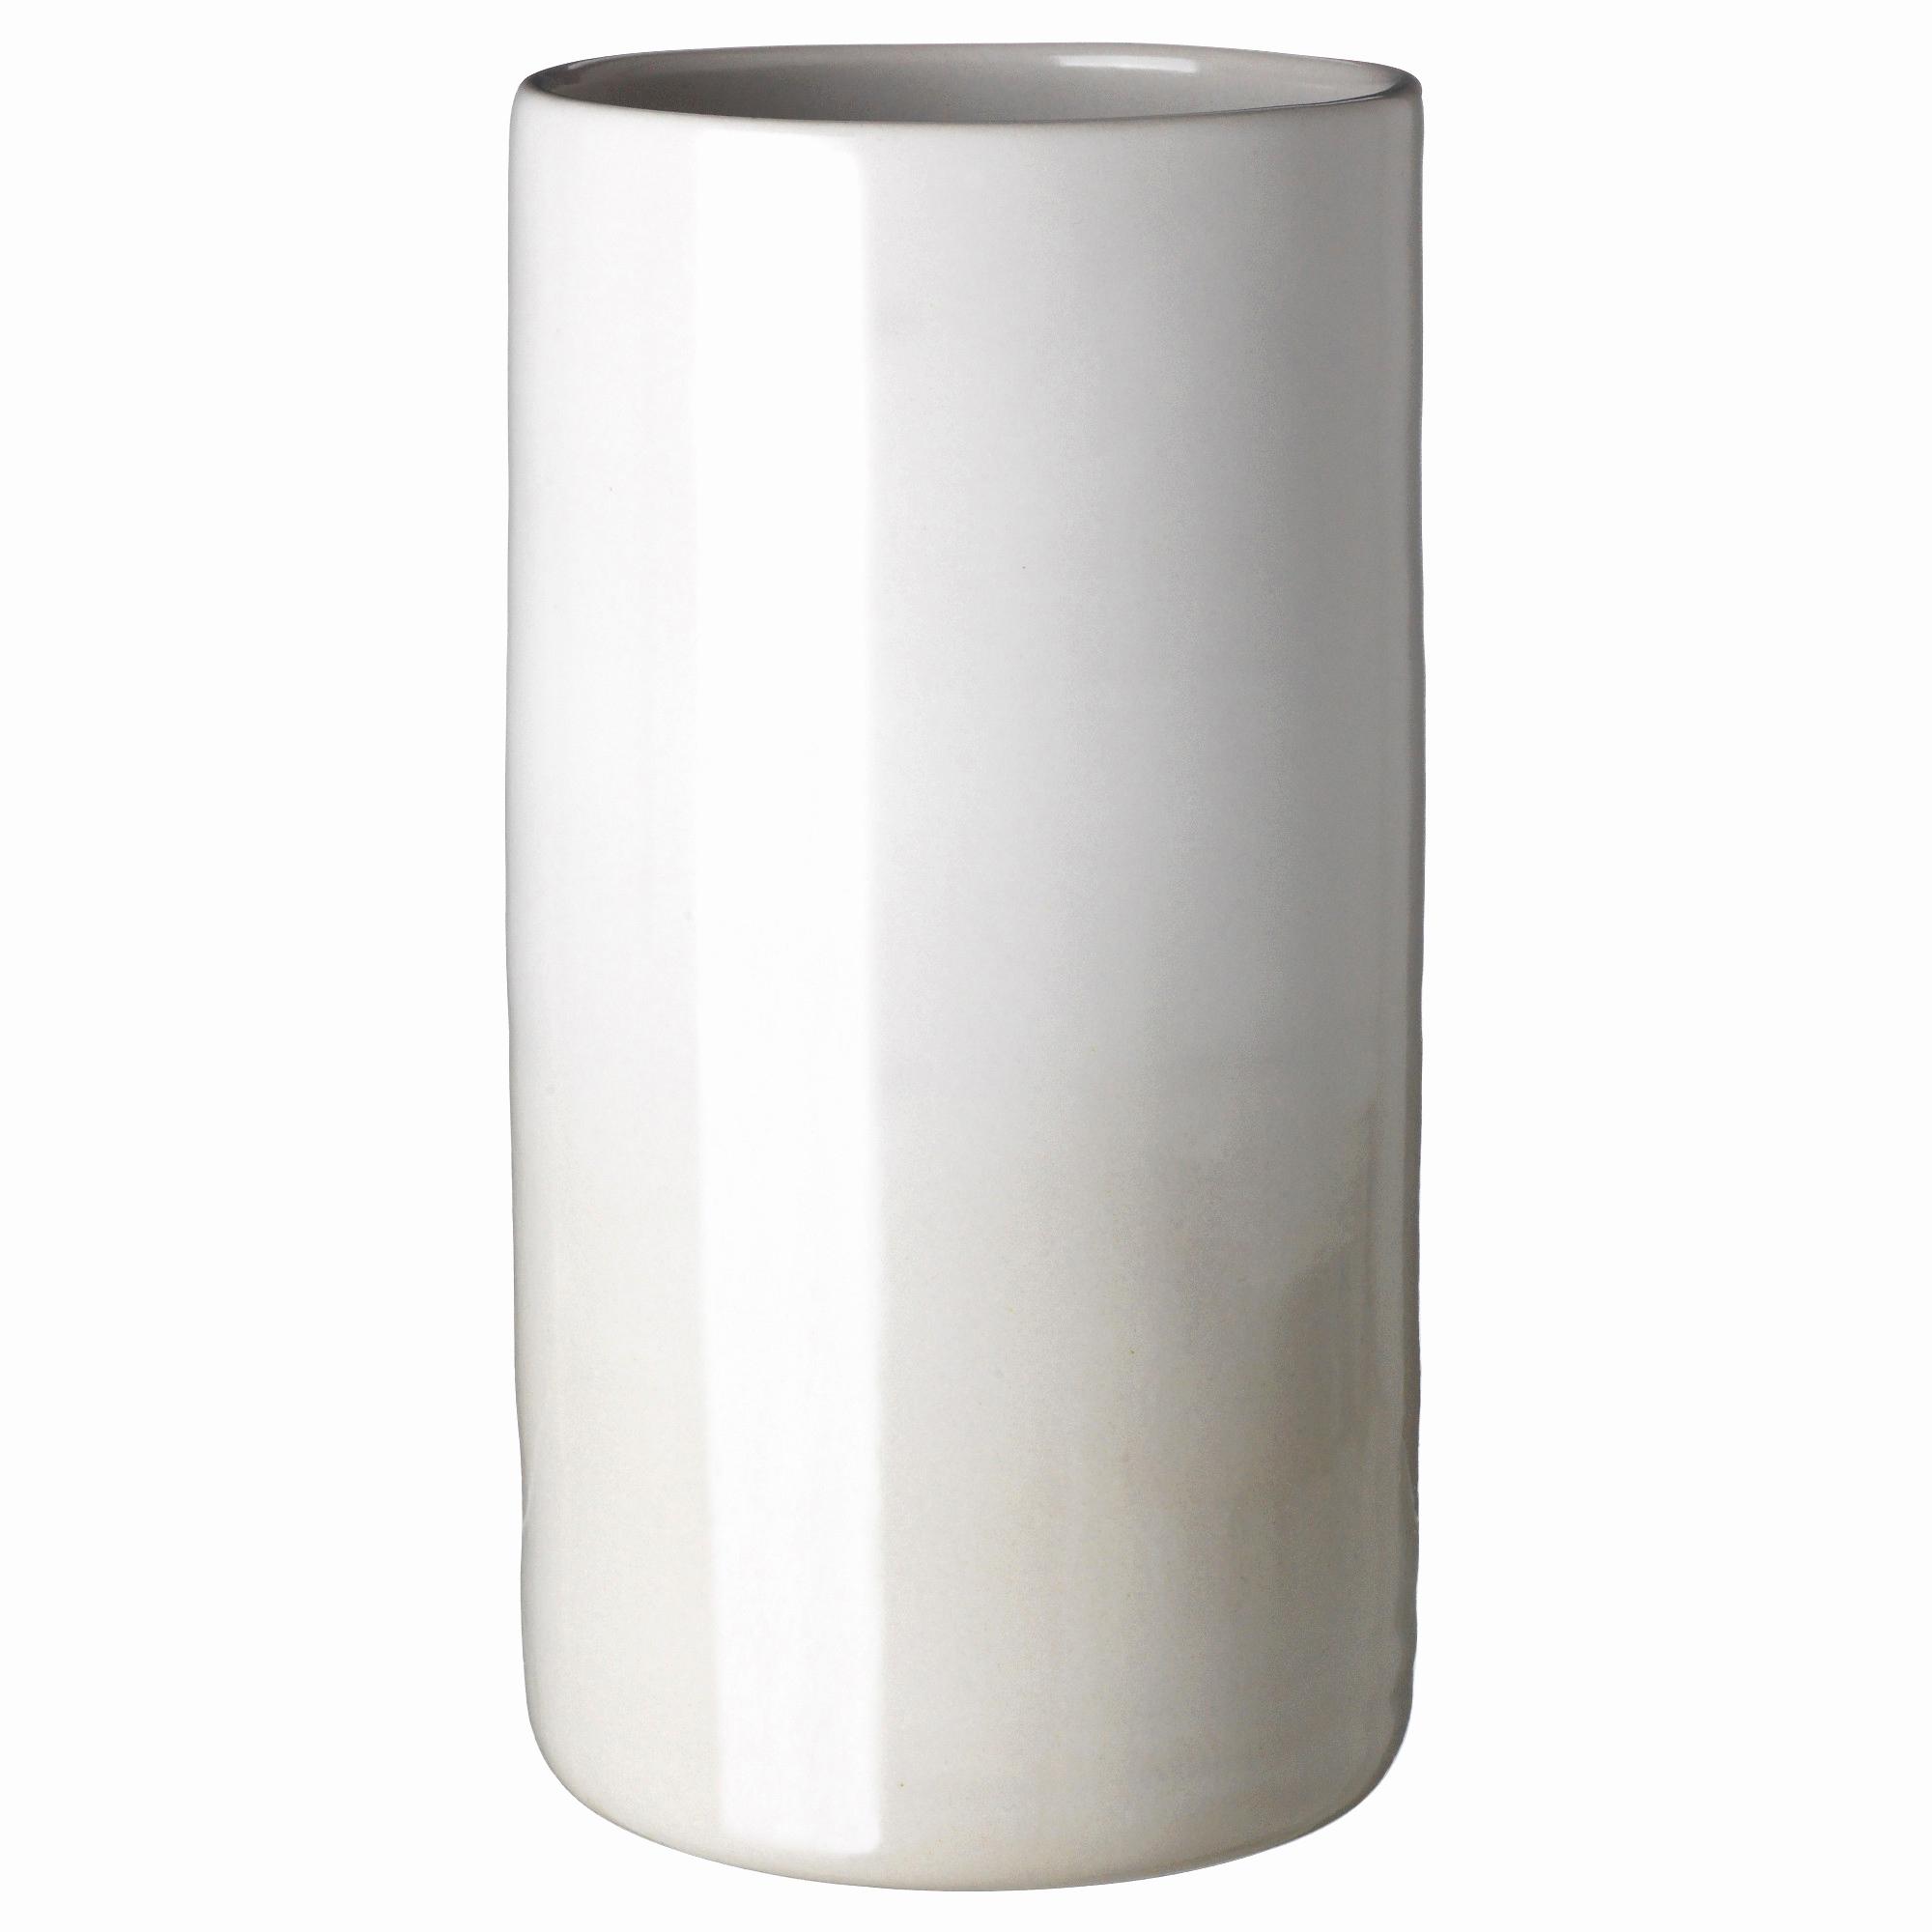 Vasque à Poser Ikea Frais Stock Vasque A Poser Ikea Meilleur De 20 Frais Ikea Vasque Opinion